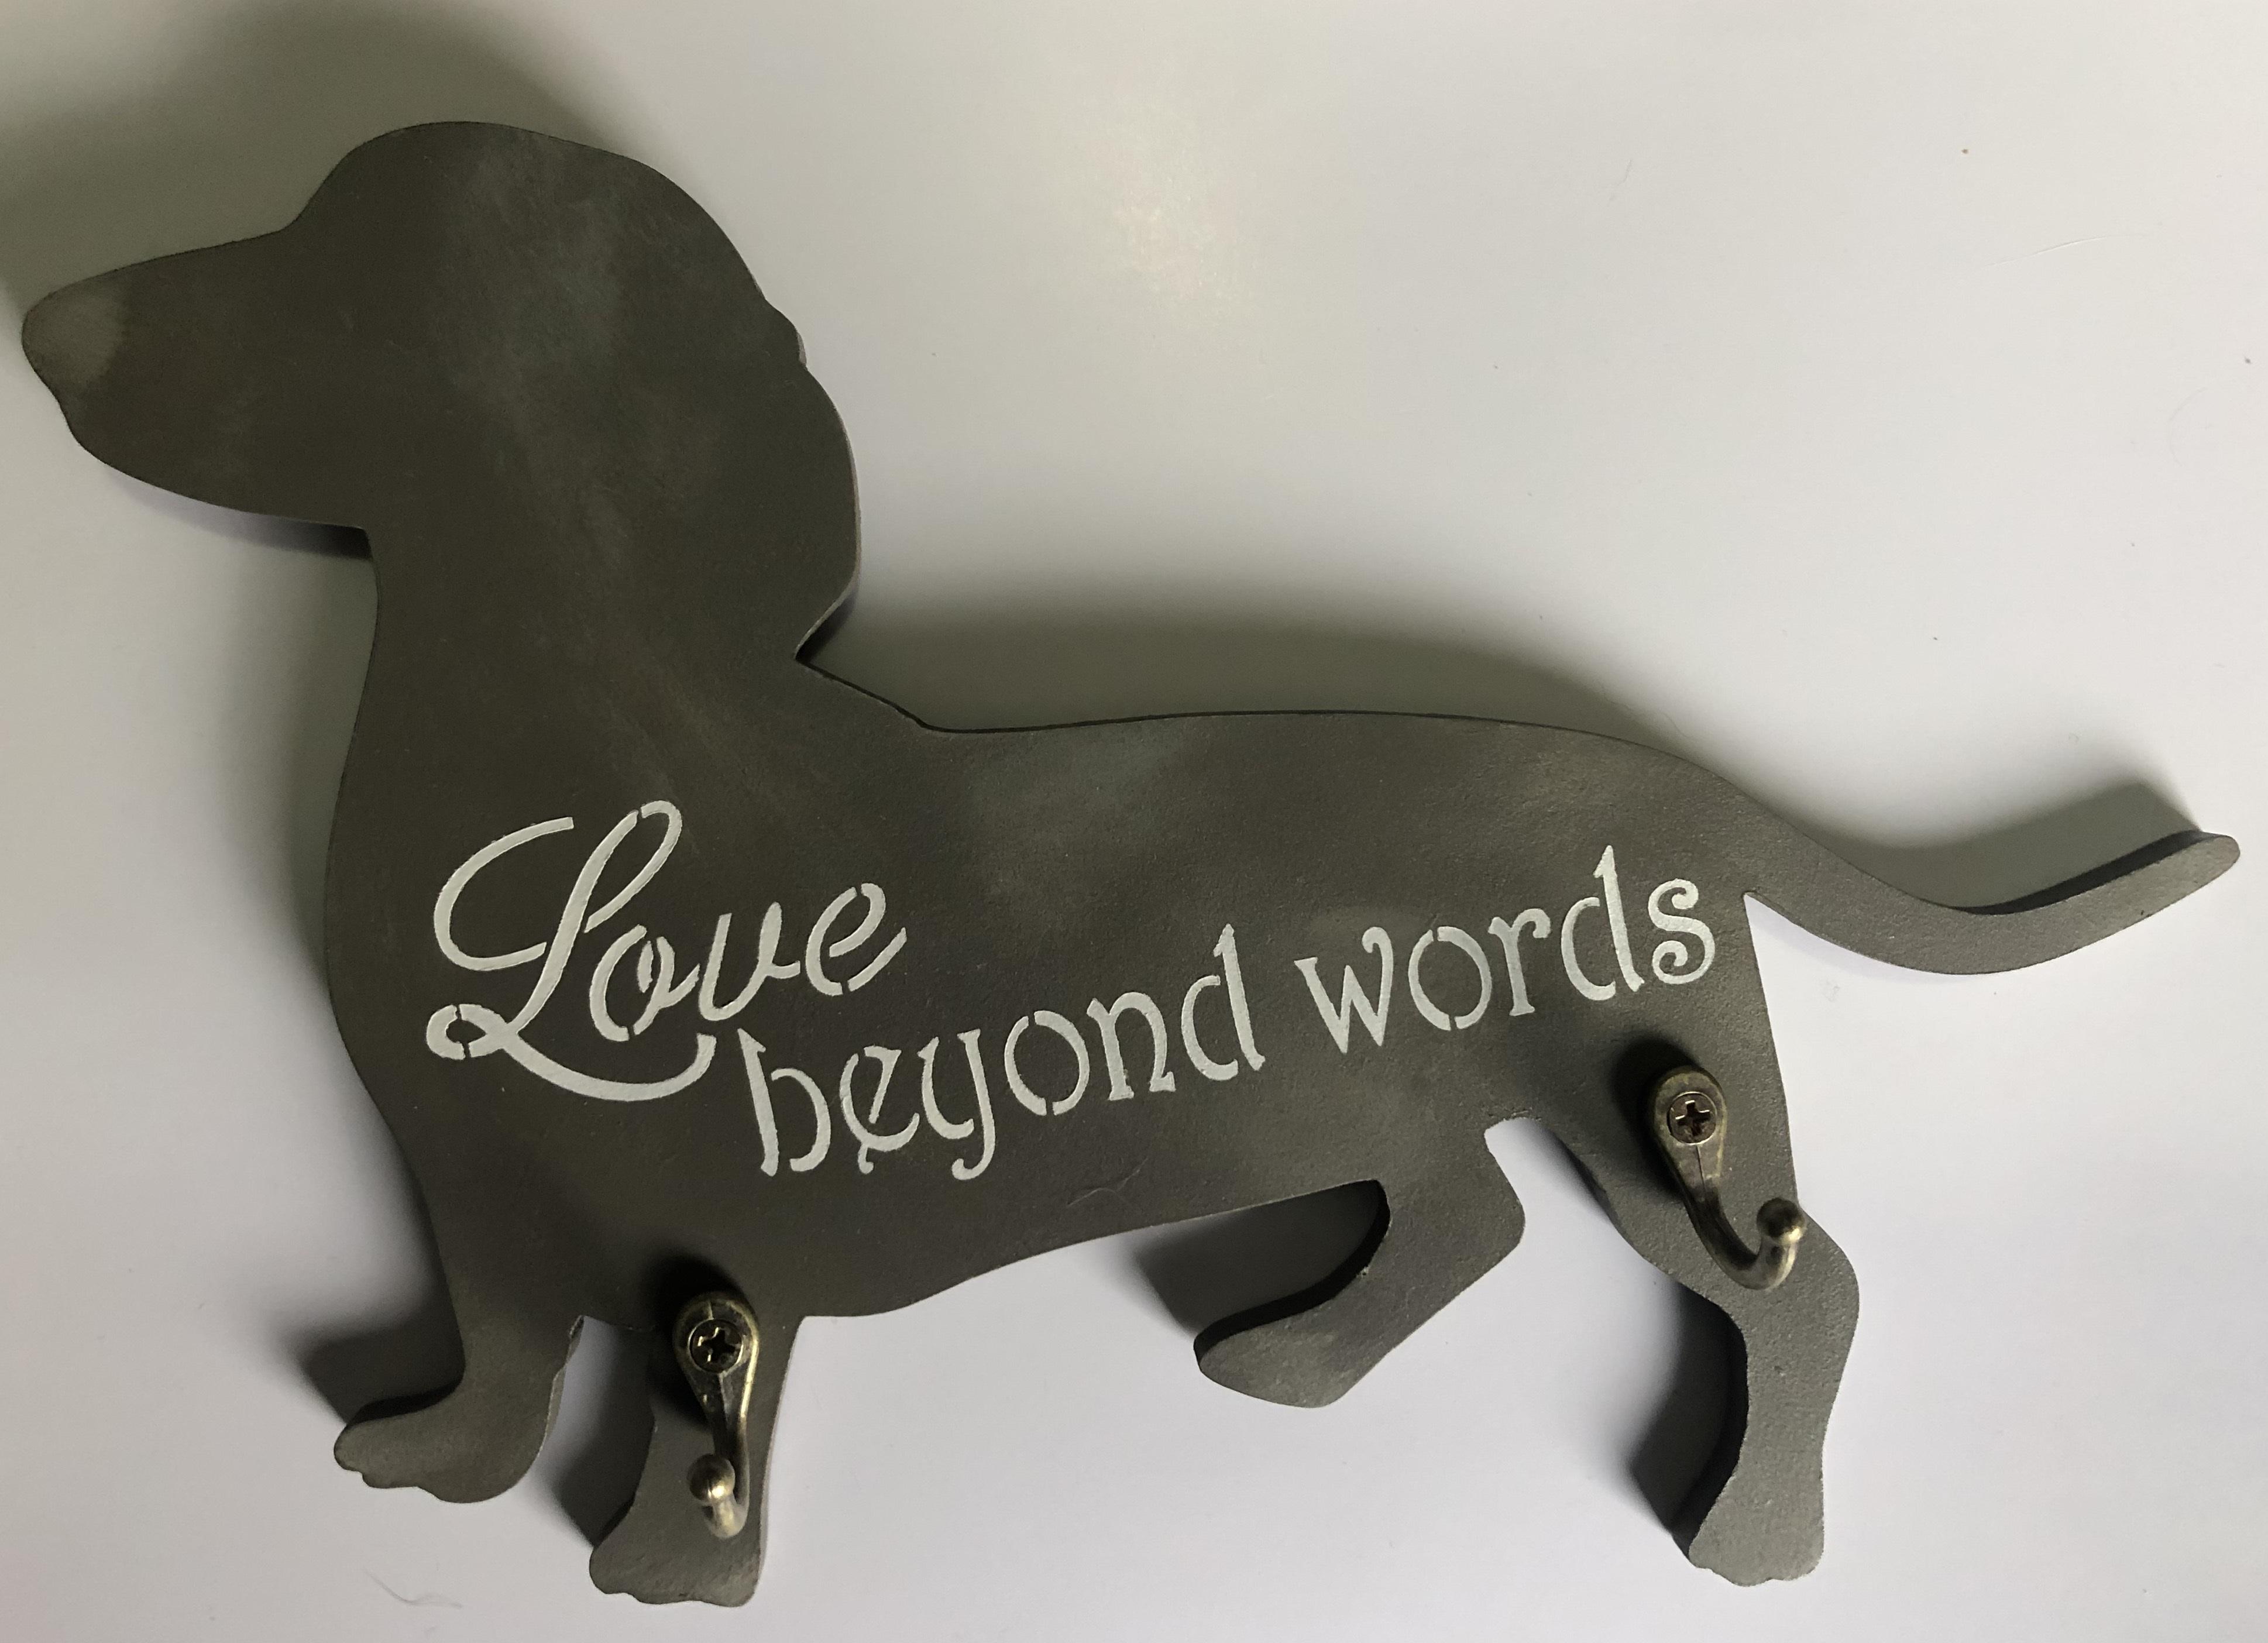 מחזיק מפתחות בצורת כלב נקניק